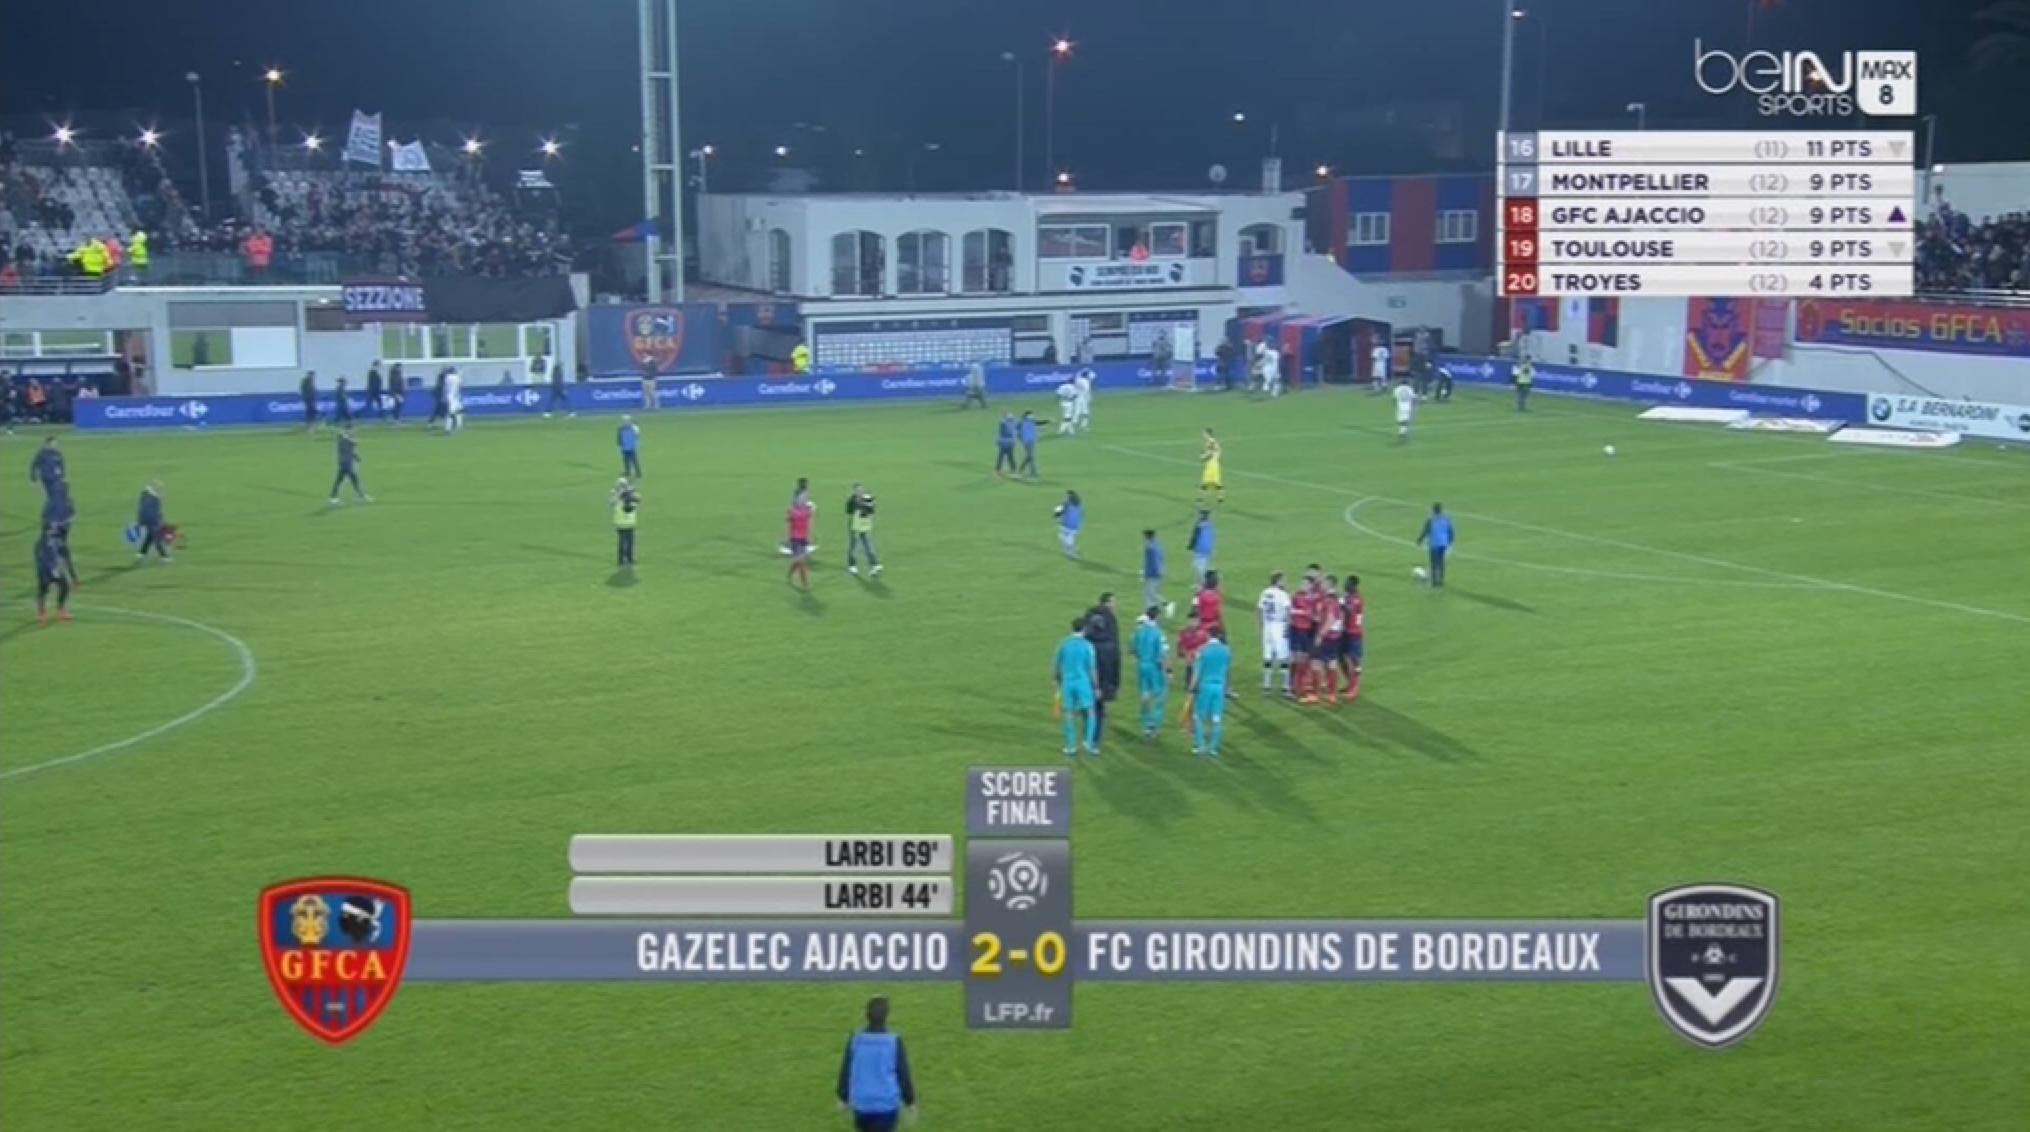 Ajaccio Gazélec 2-0